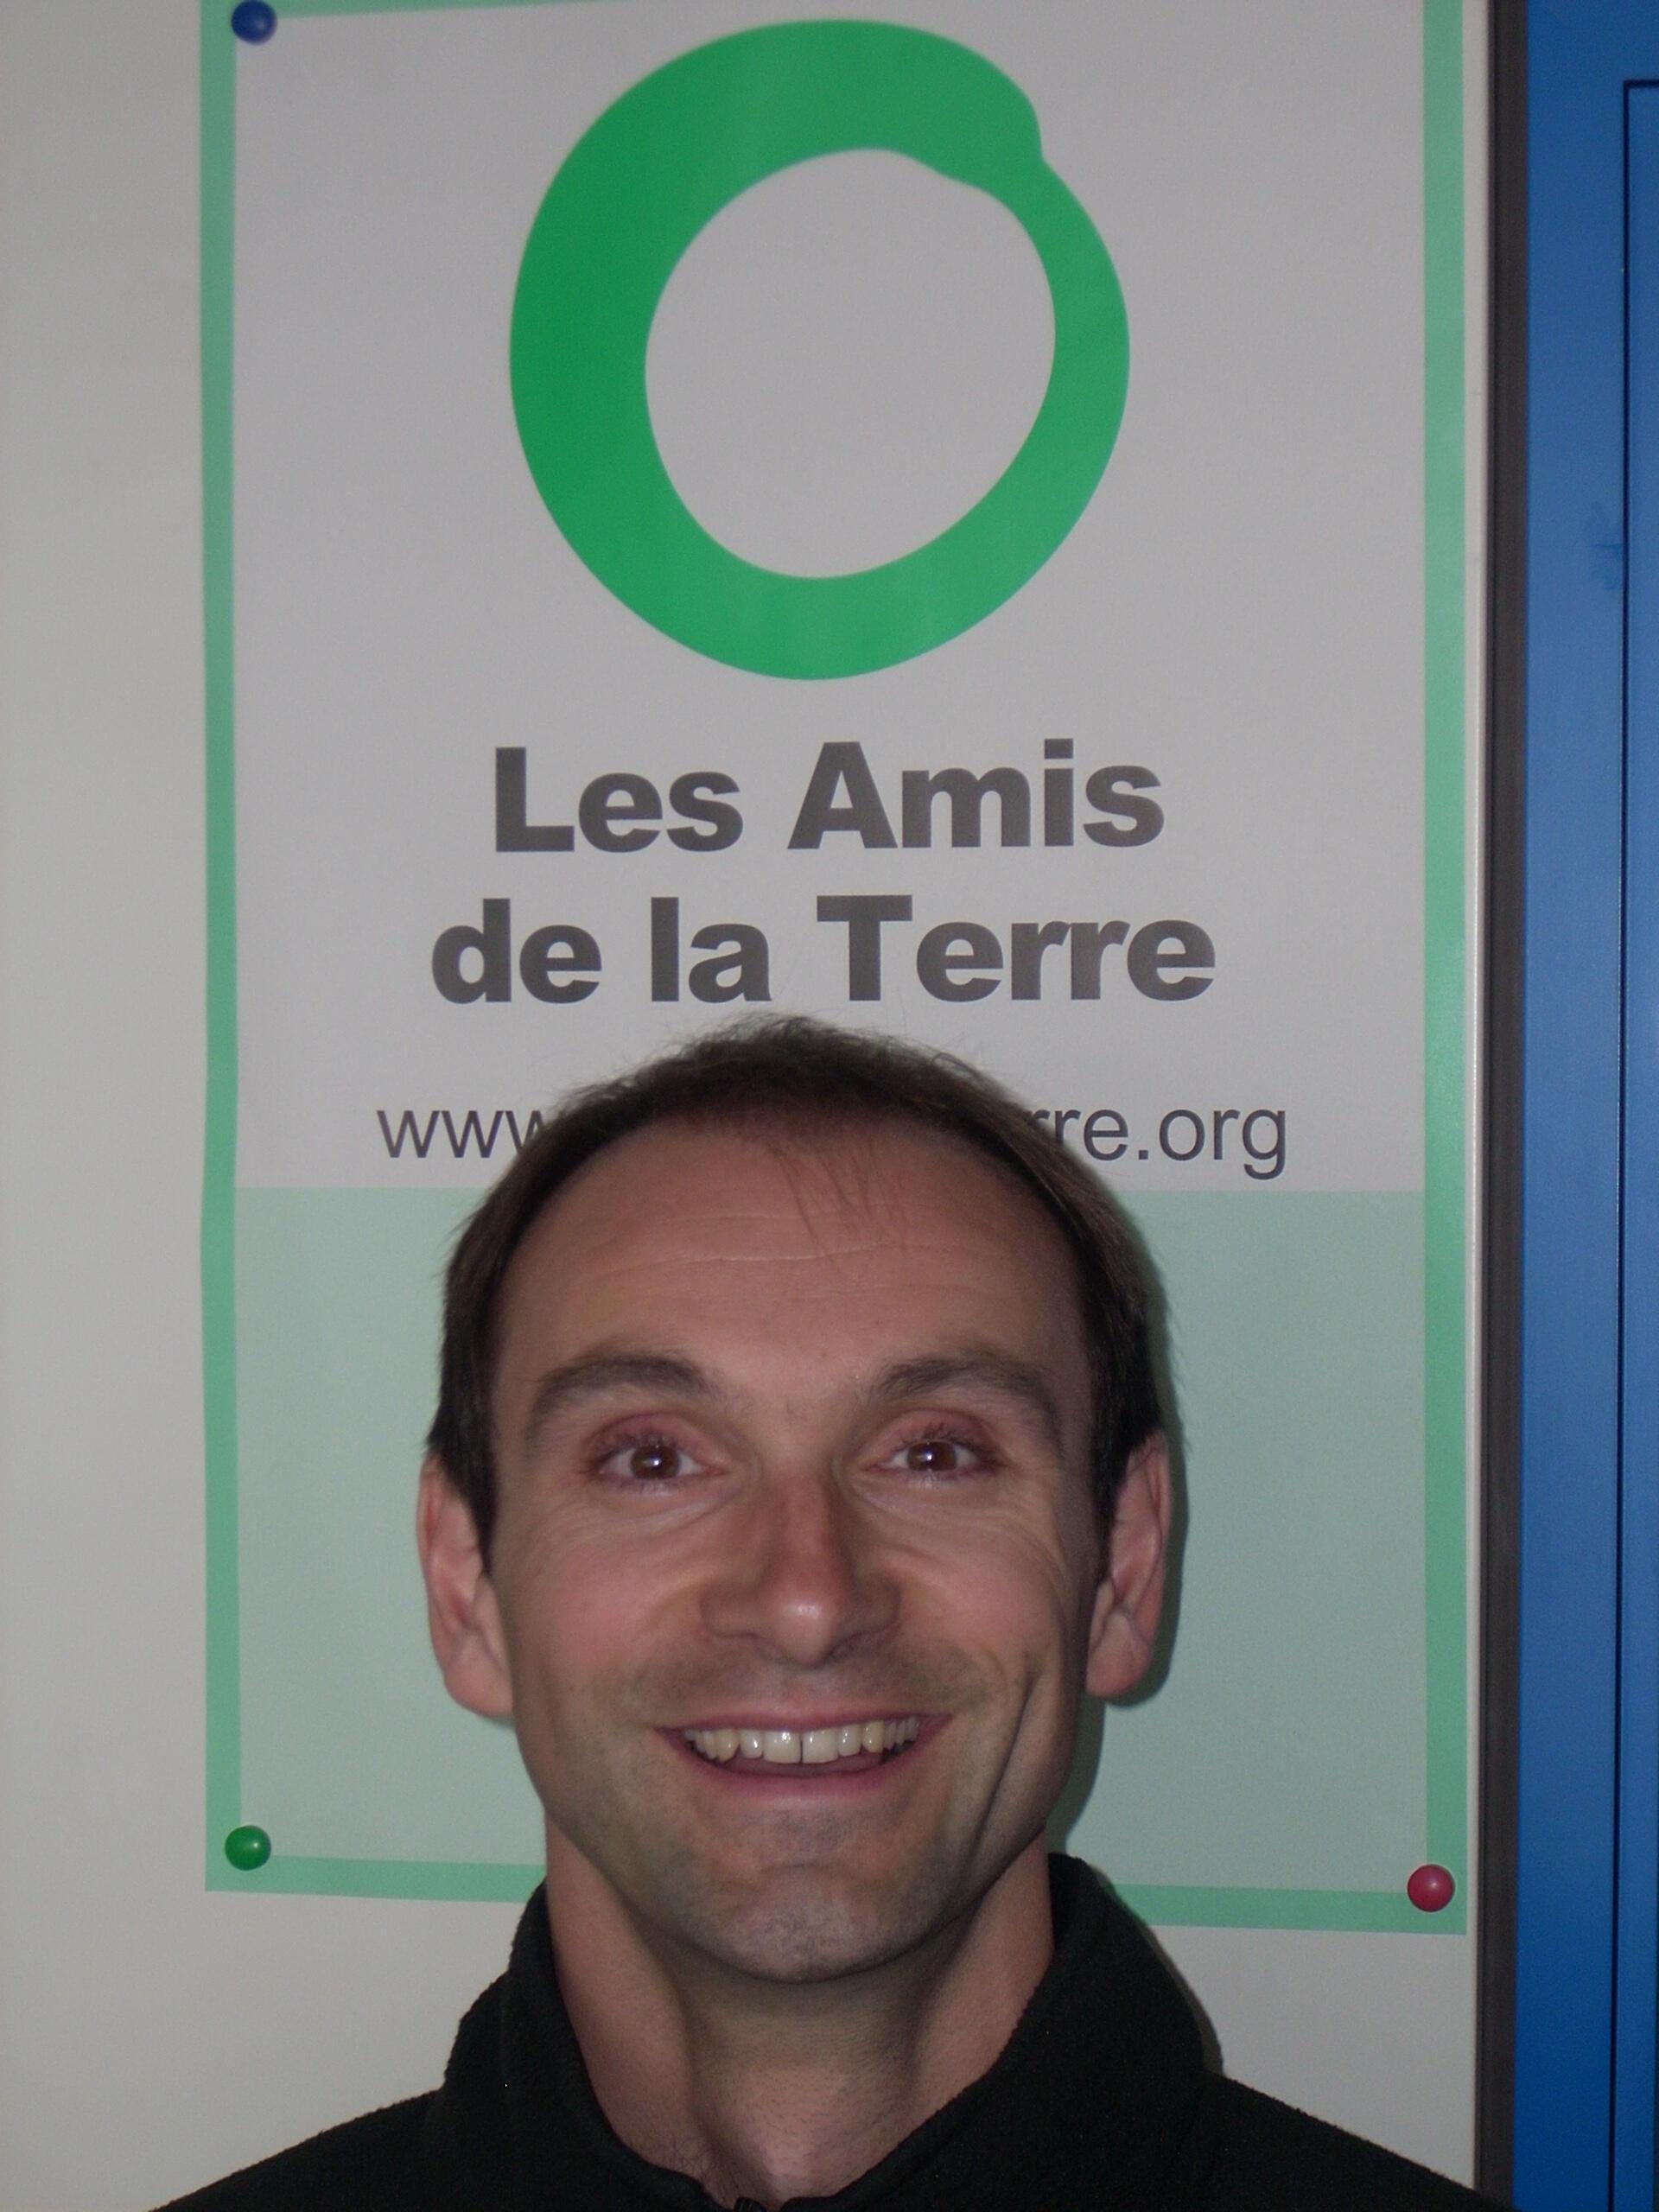 Sébastien Godinot